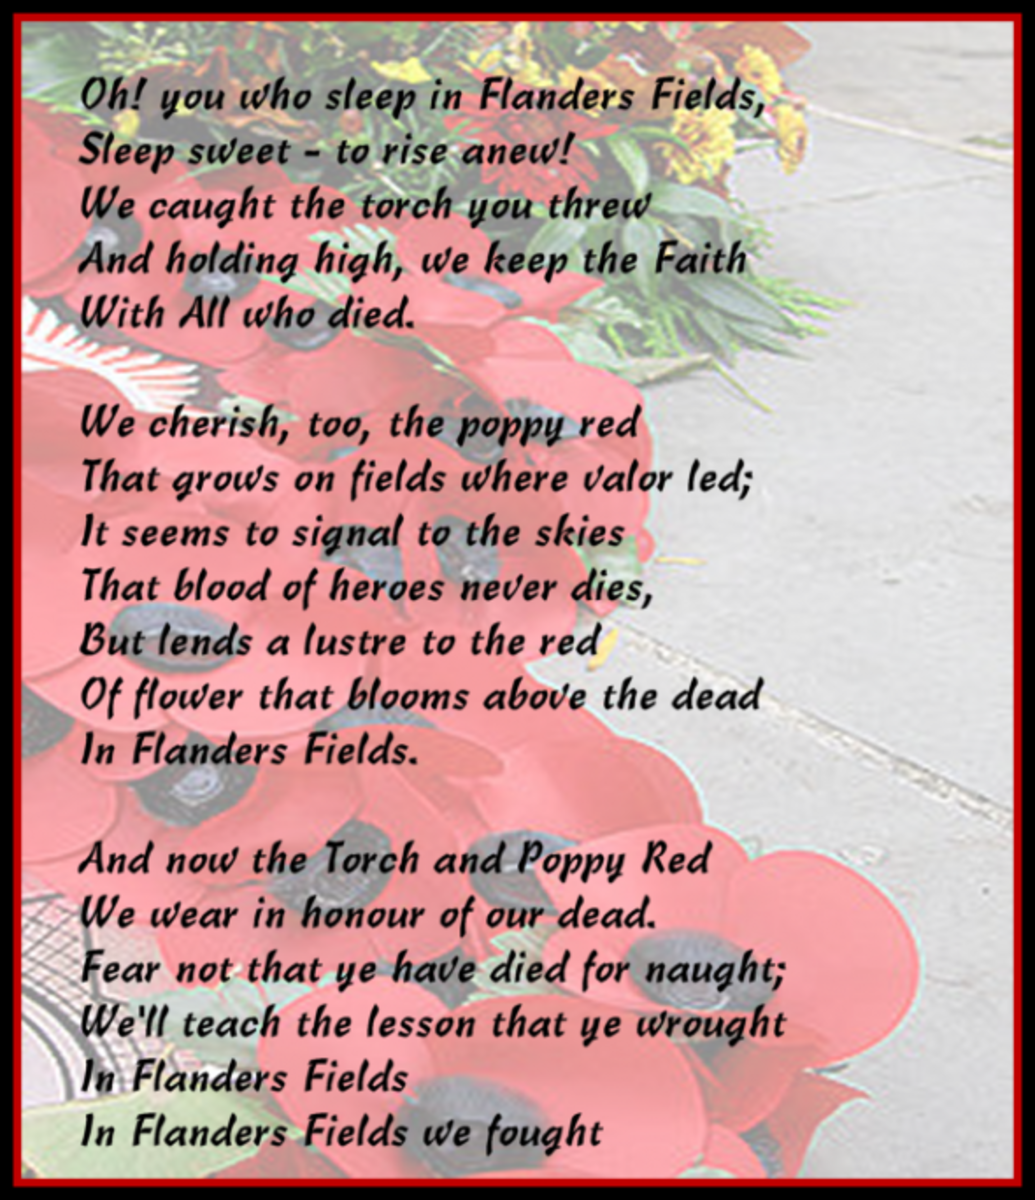 We Shall Keep the Faith - by Moina Michael - November 1918